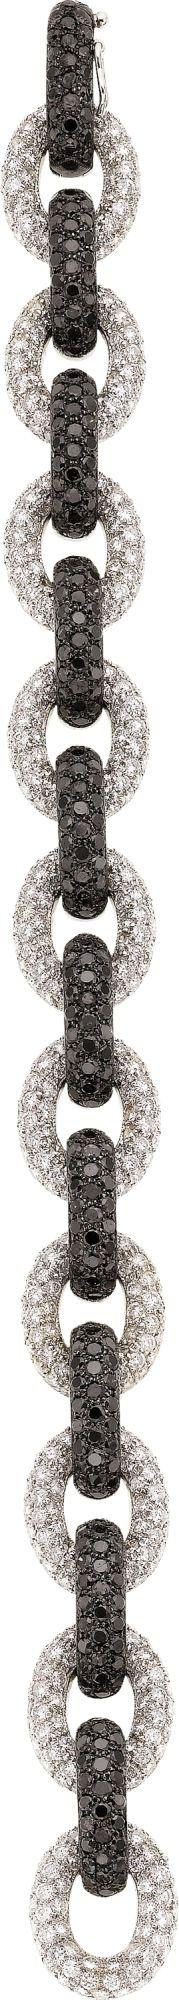 Black and White Diamond, White Gold Bracelet -  by Eli Frei